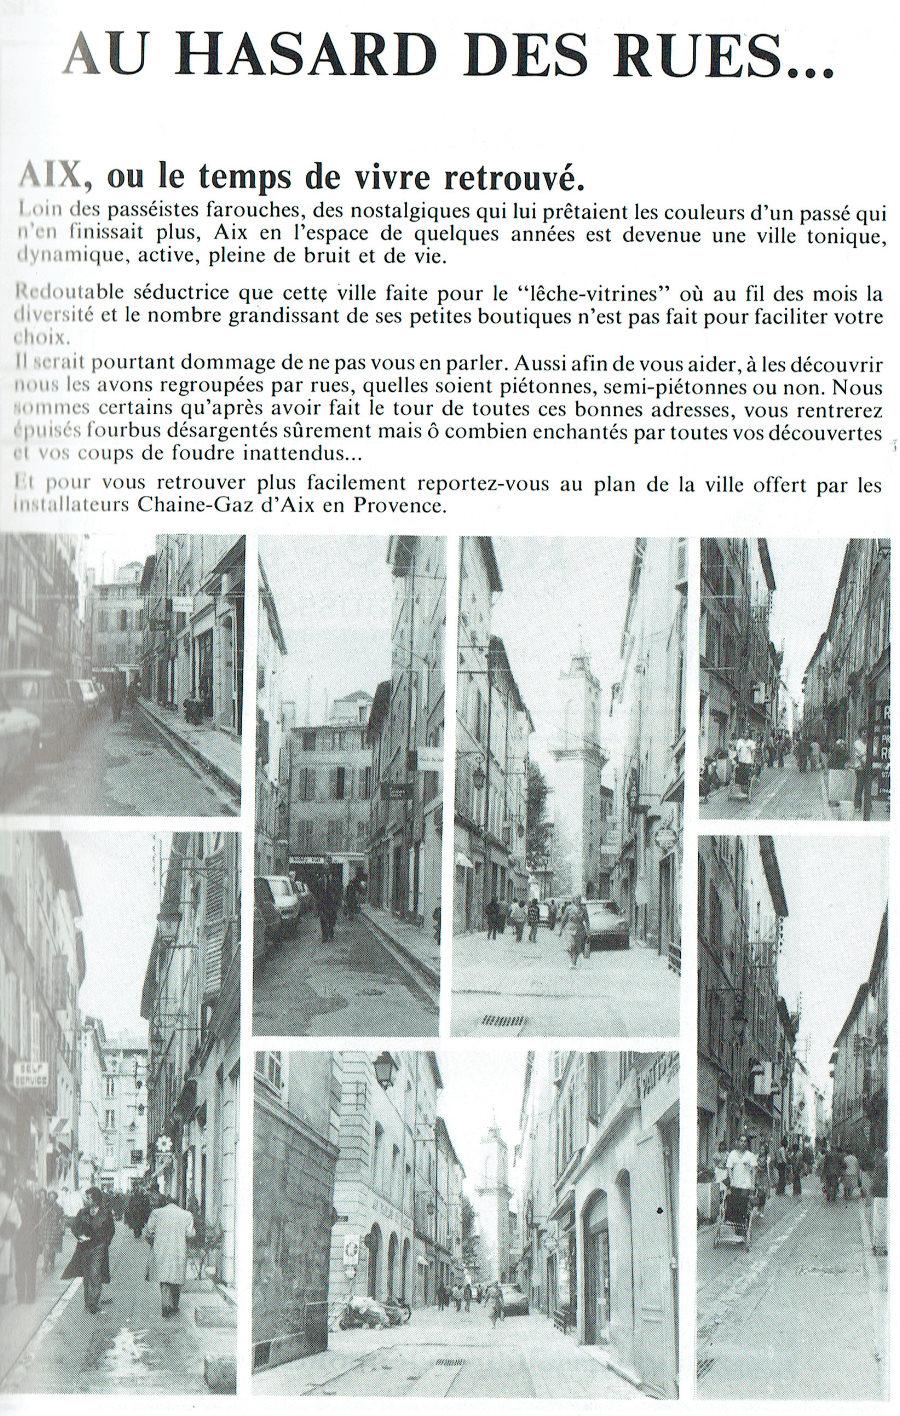 AIX AU HASARD DES RUES 1981